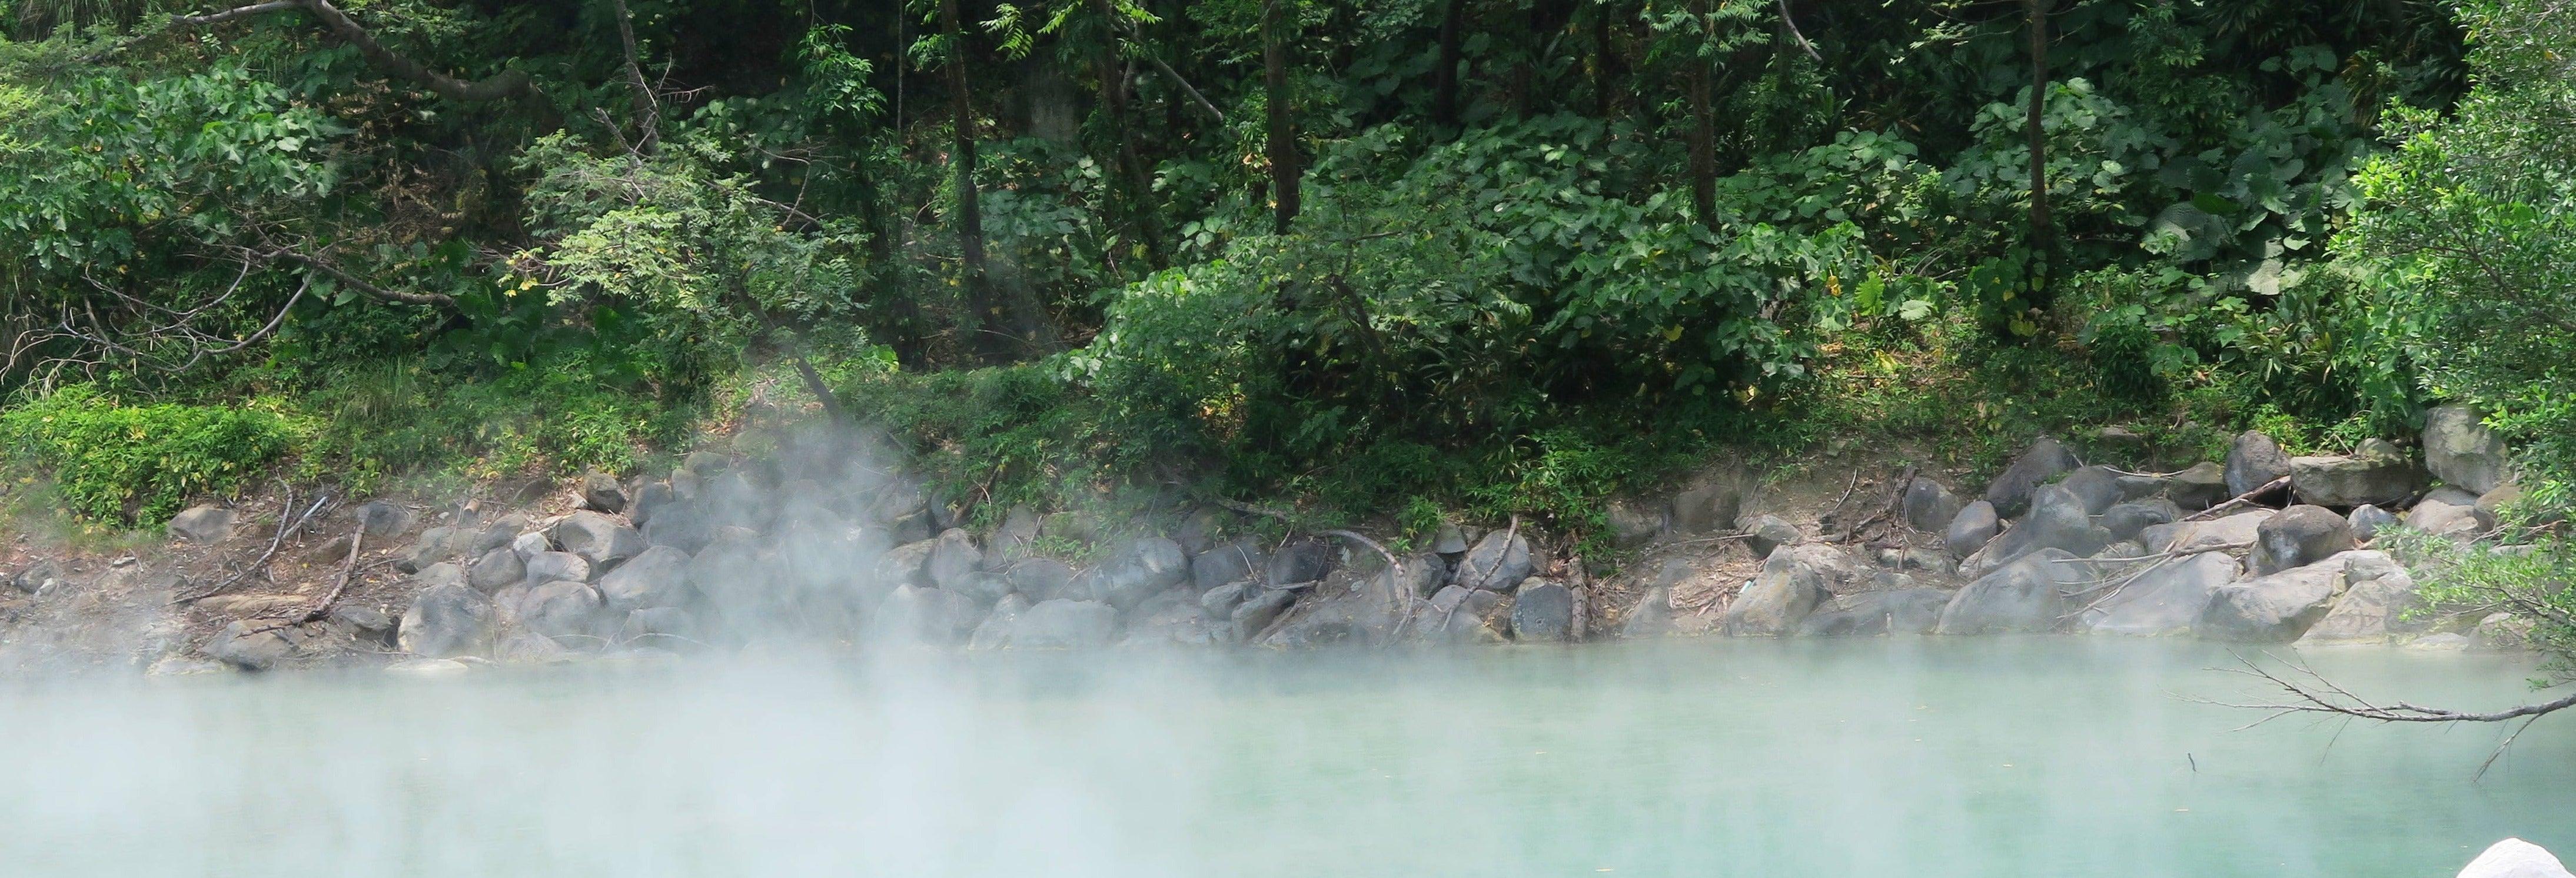 Excursão ao rio Mayantuyacu